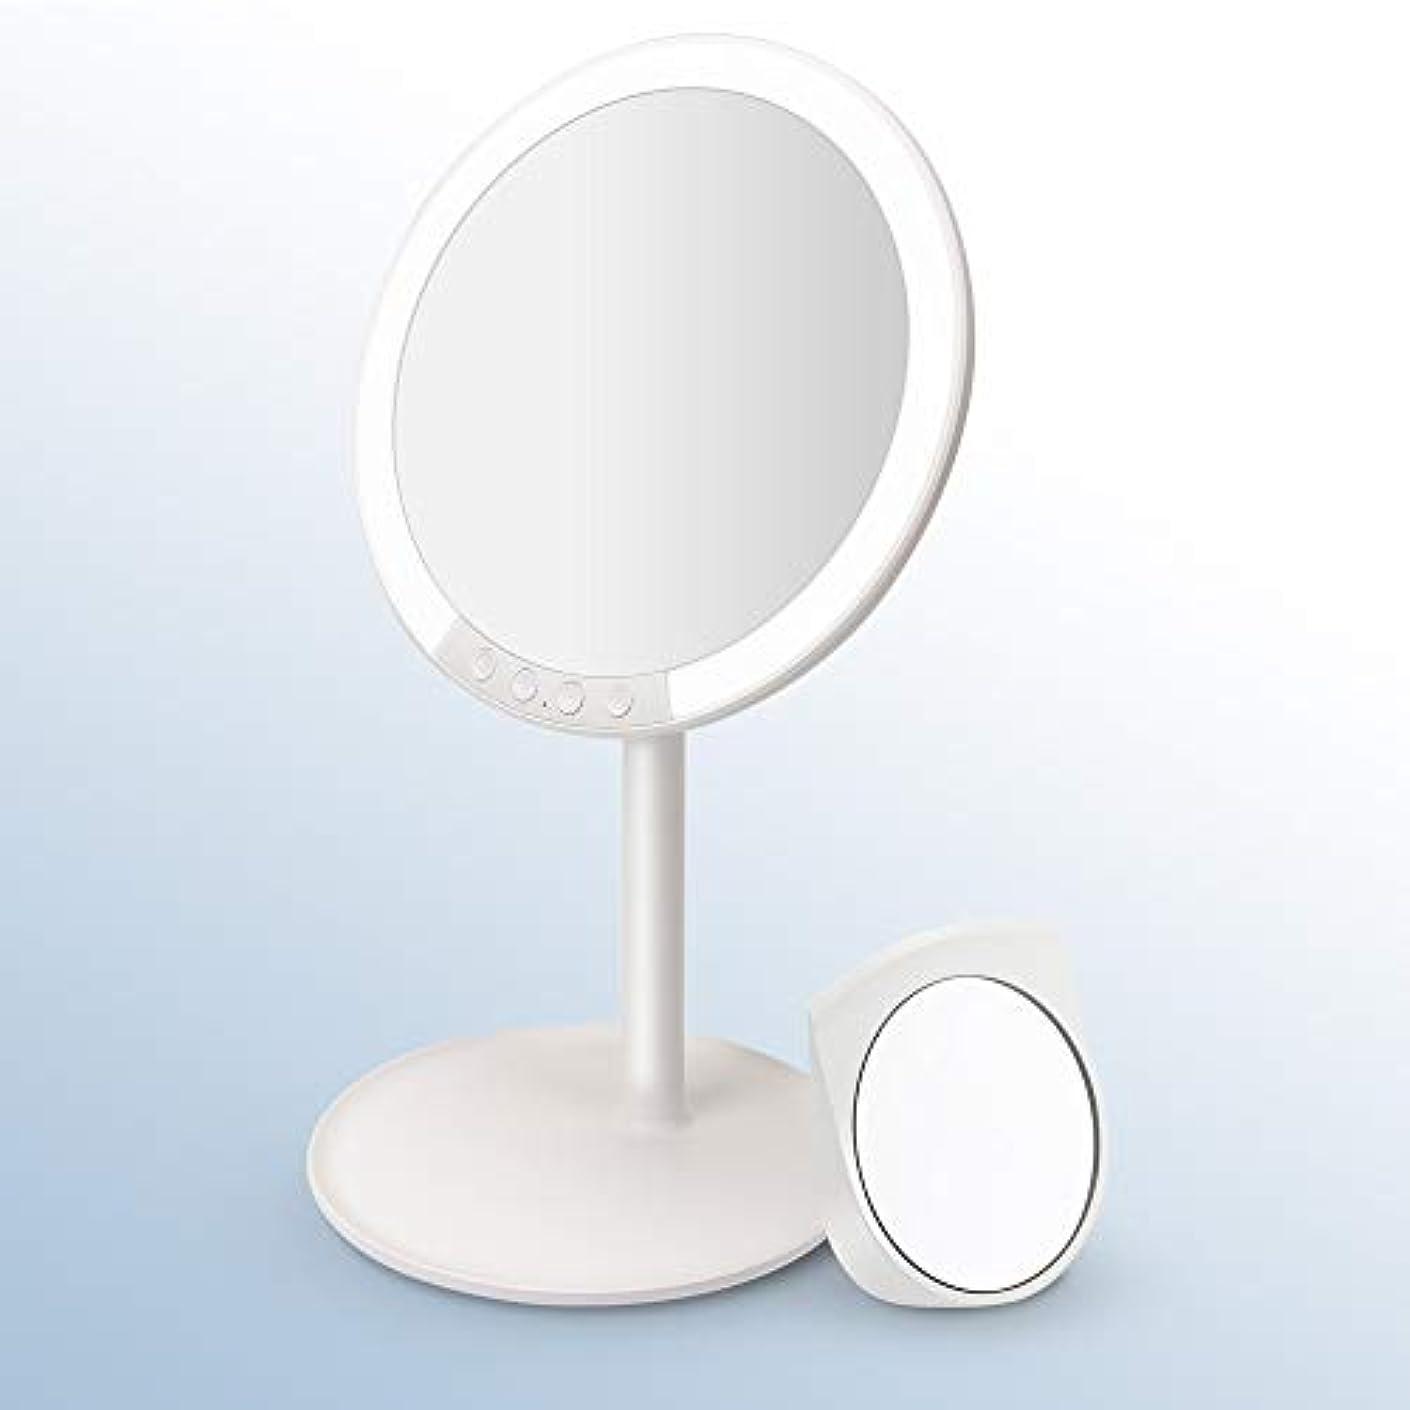 郵便毎回獣【強化ガラス】LED化粧鏡 化粧ミラー 66LEDライト 3色光モード 7段階調光 USB式 7倍拡大鏡 180度回転 収納ベース 丸型